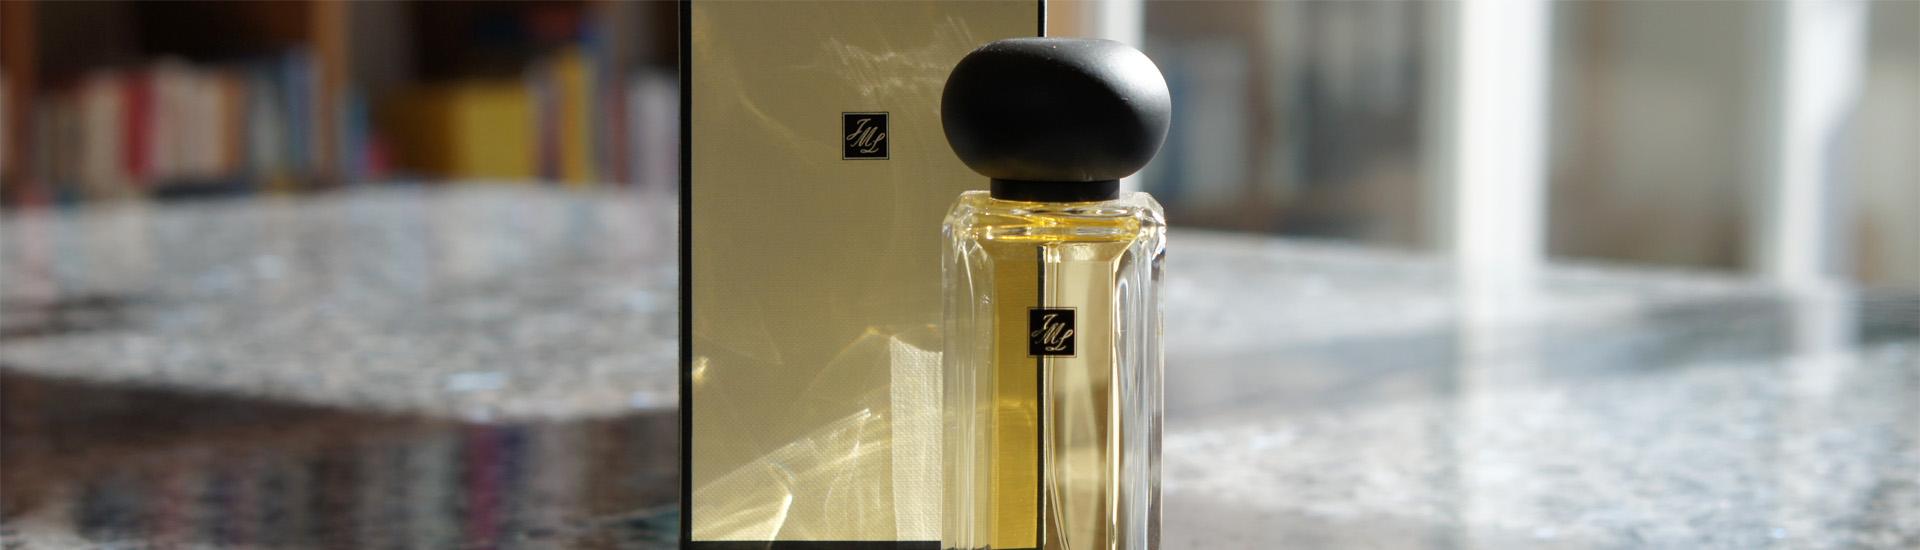 Эксклюзивный гурманский аромат: Jo Malone London Oolong Tea